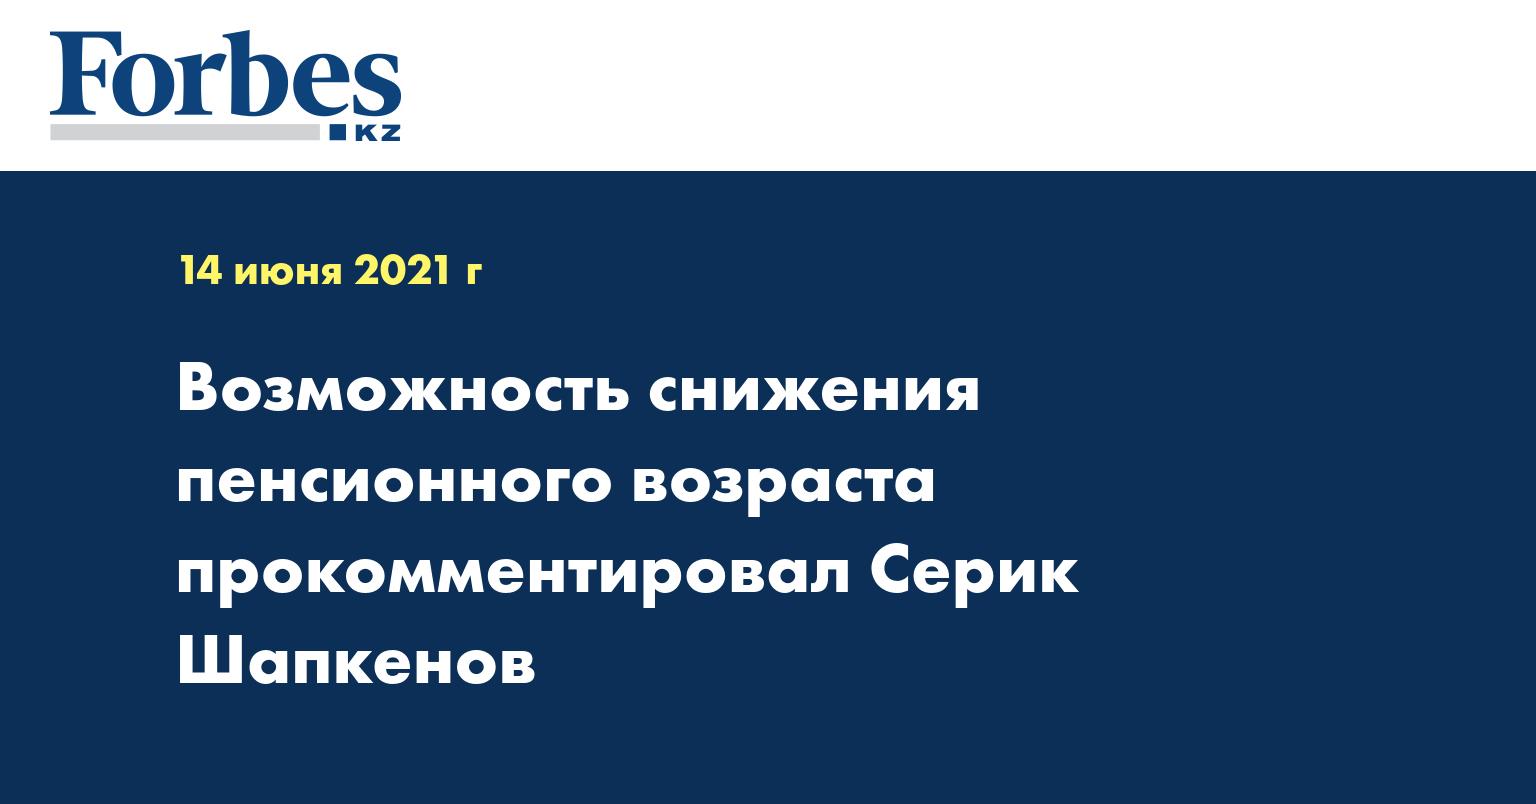 Возможность снижения пенсионного возраста прокомментировал Серик Шапкенов